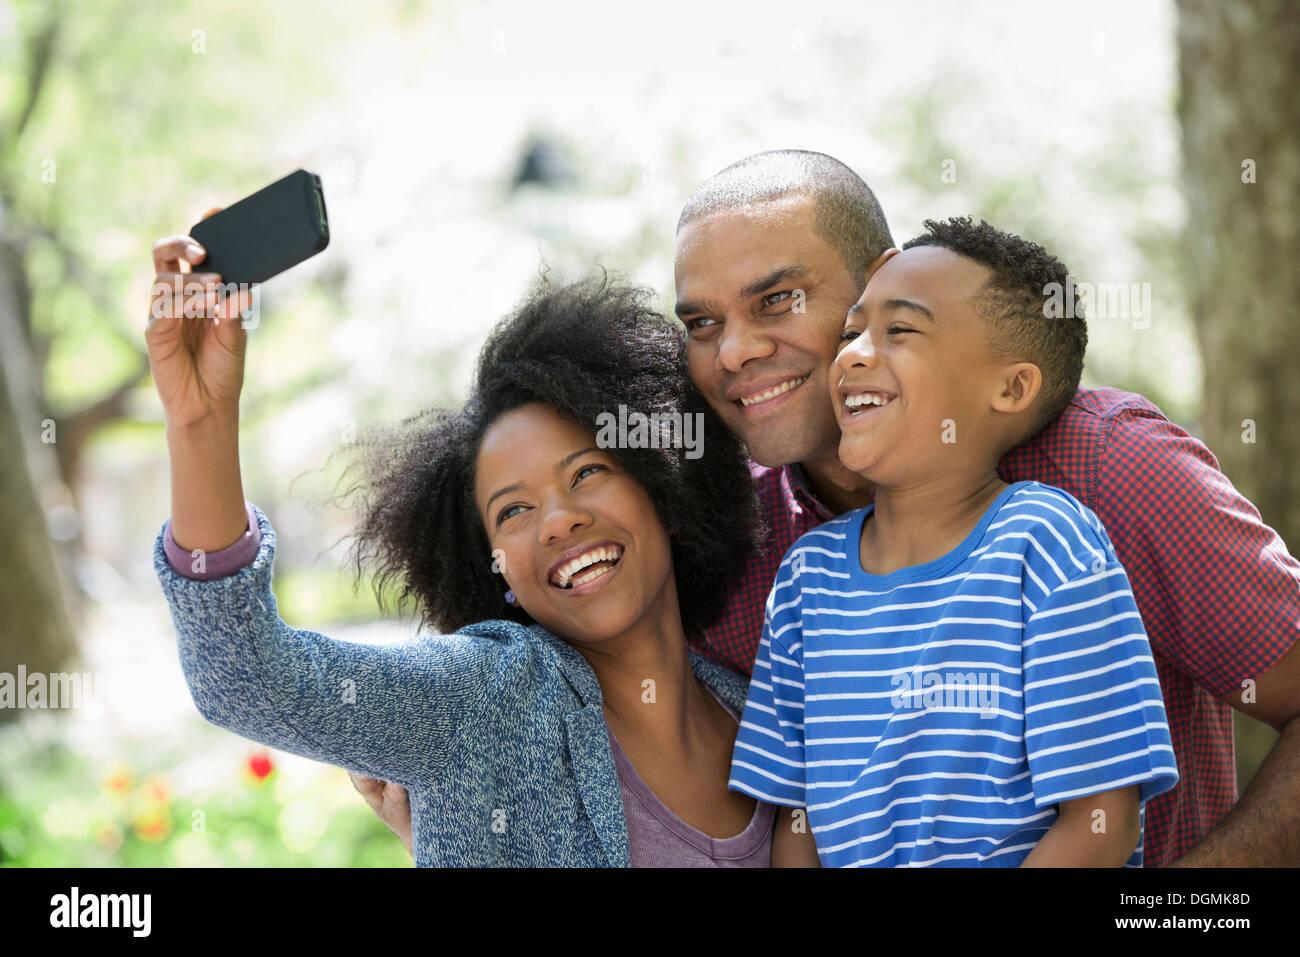 Dos adultos y un niño de tomar fotografías con un teléfono inteligente. Imagen De Stock